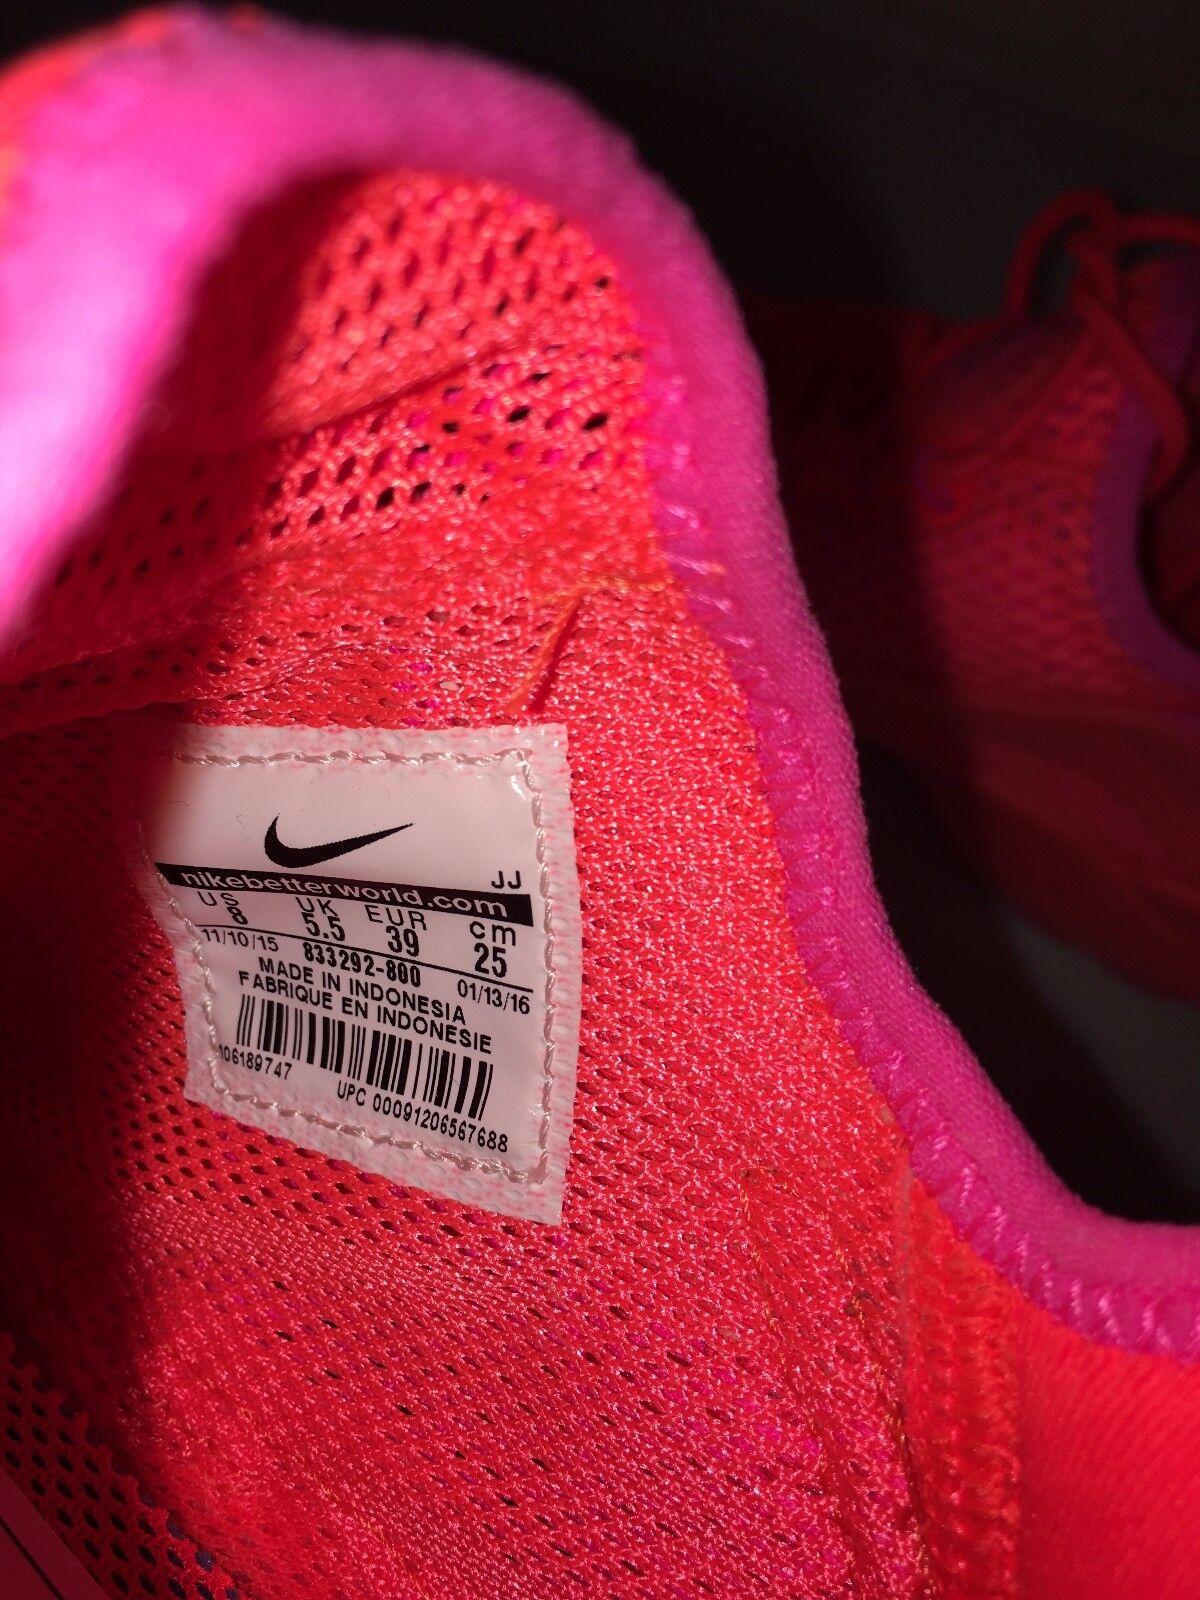 Nike Air Huarache Run Ultra Breathe 833292-800 833292-800 833292-800 Total Crimson Red Pink Blast Rare 6b0752